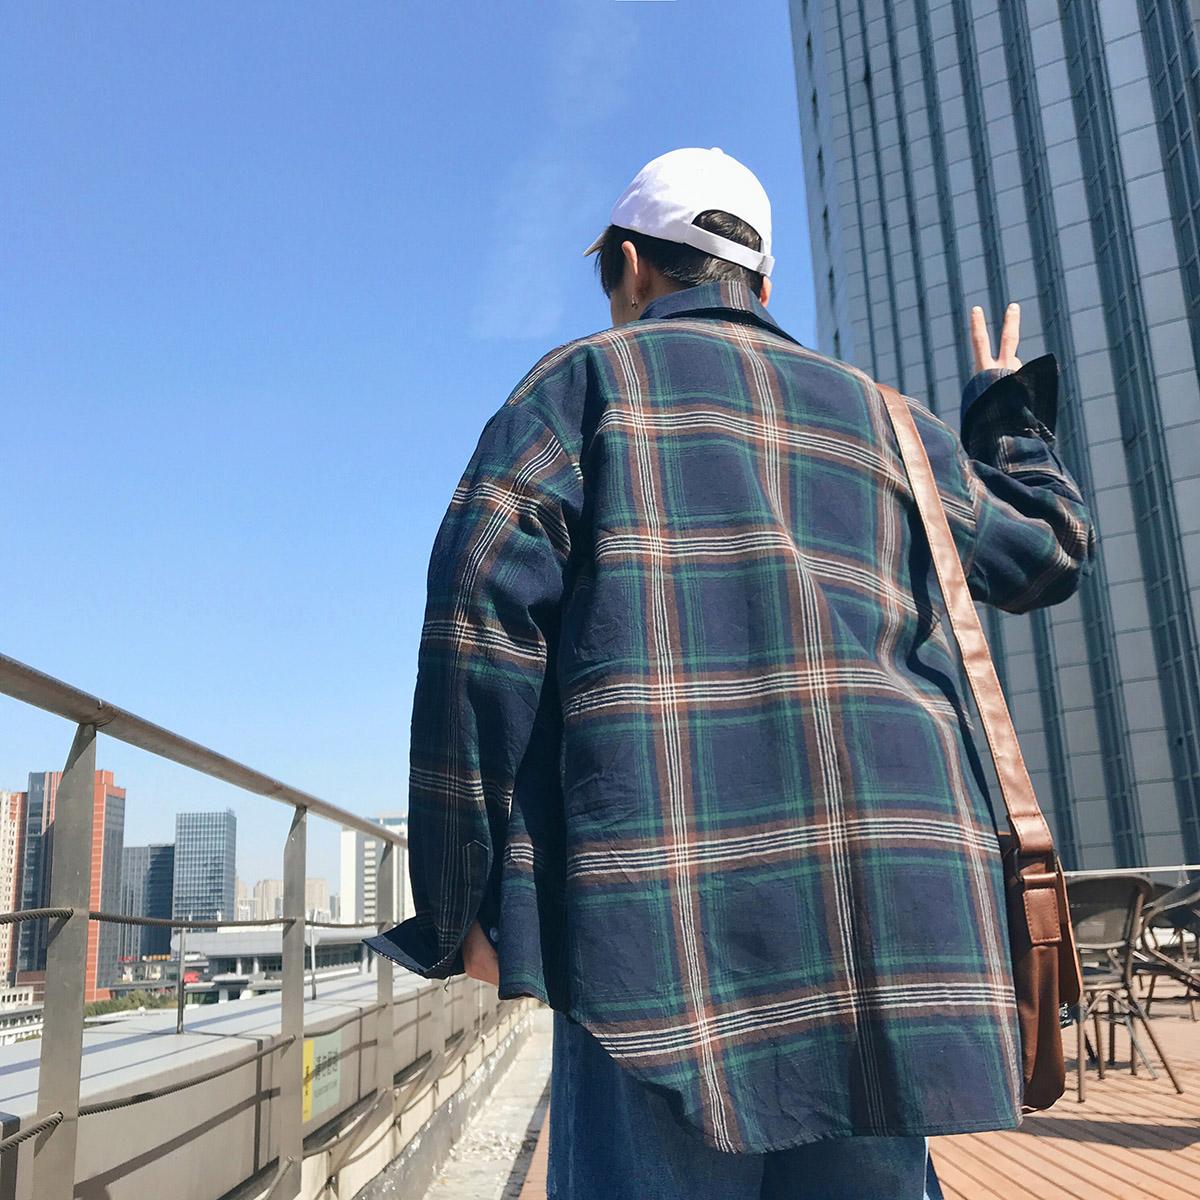 秋季港风格子衬衫男士韩版加肥大码长袖休闲衬衣男装外套161 P35